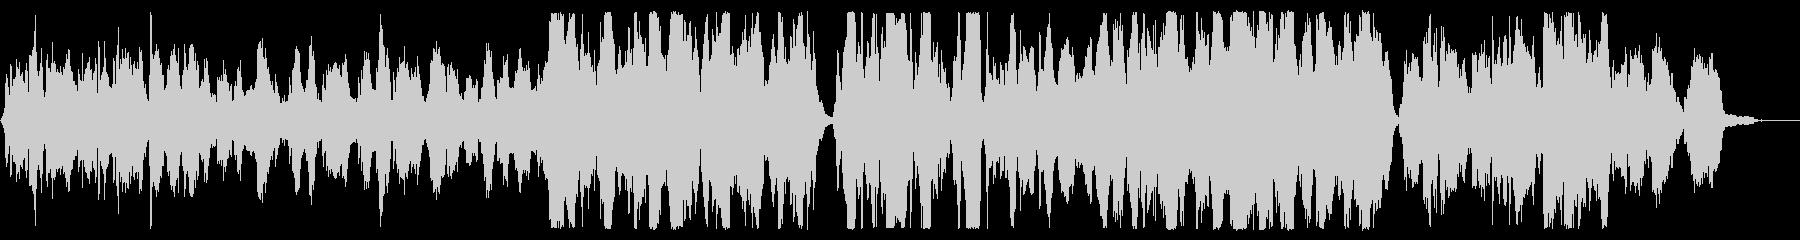 二つのチェロとピアノの抒情的な挿入歌 の未再生の波形